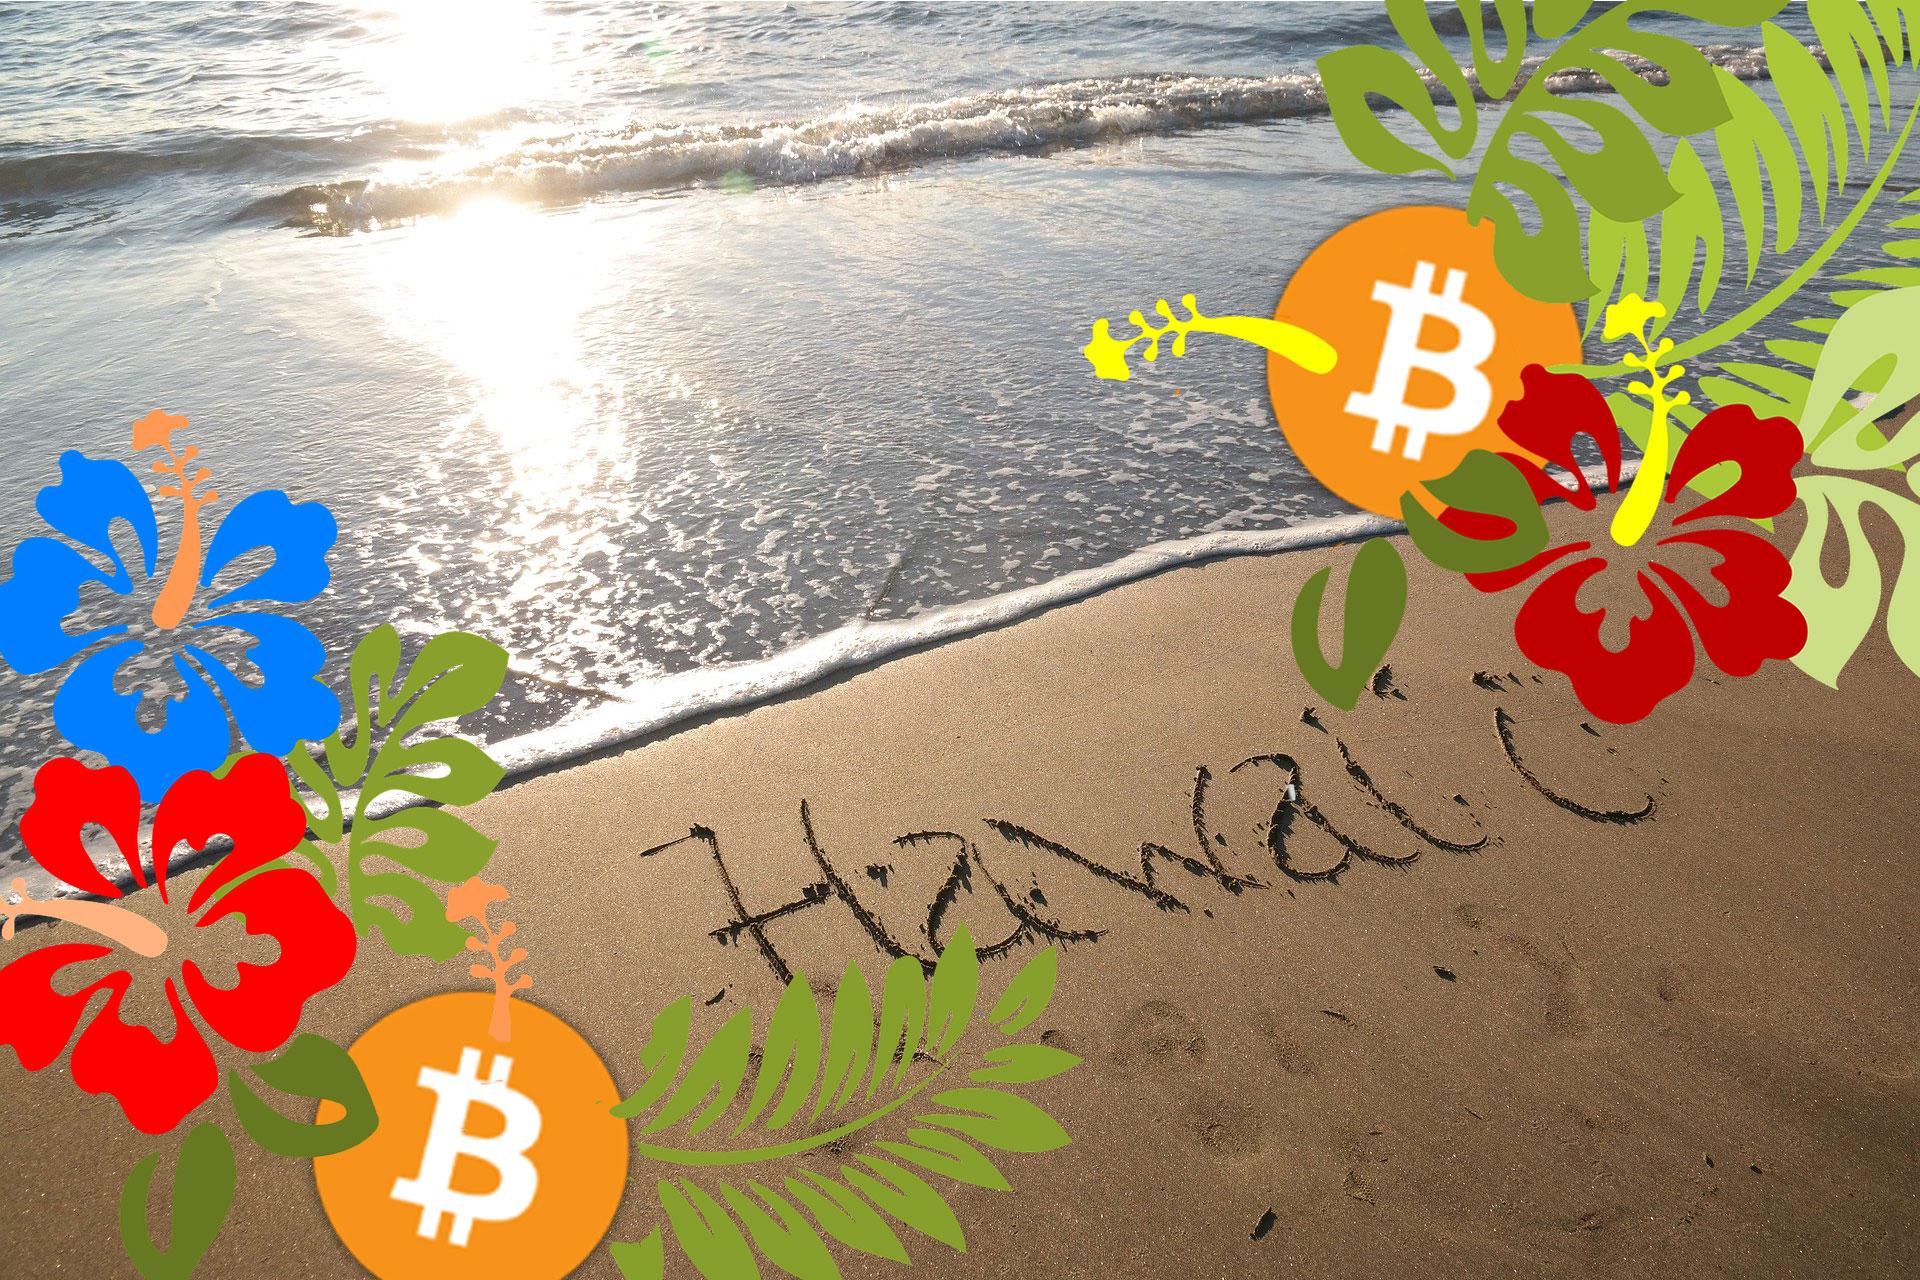 ハワイの銀行で仮想通貨カストディサービスできるようになるのか!?